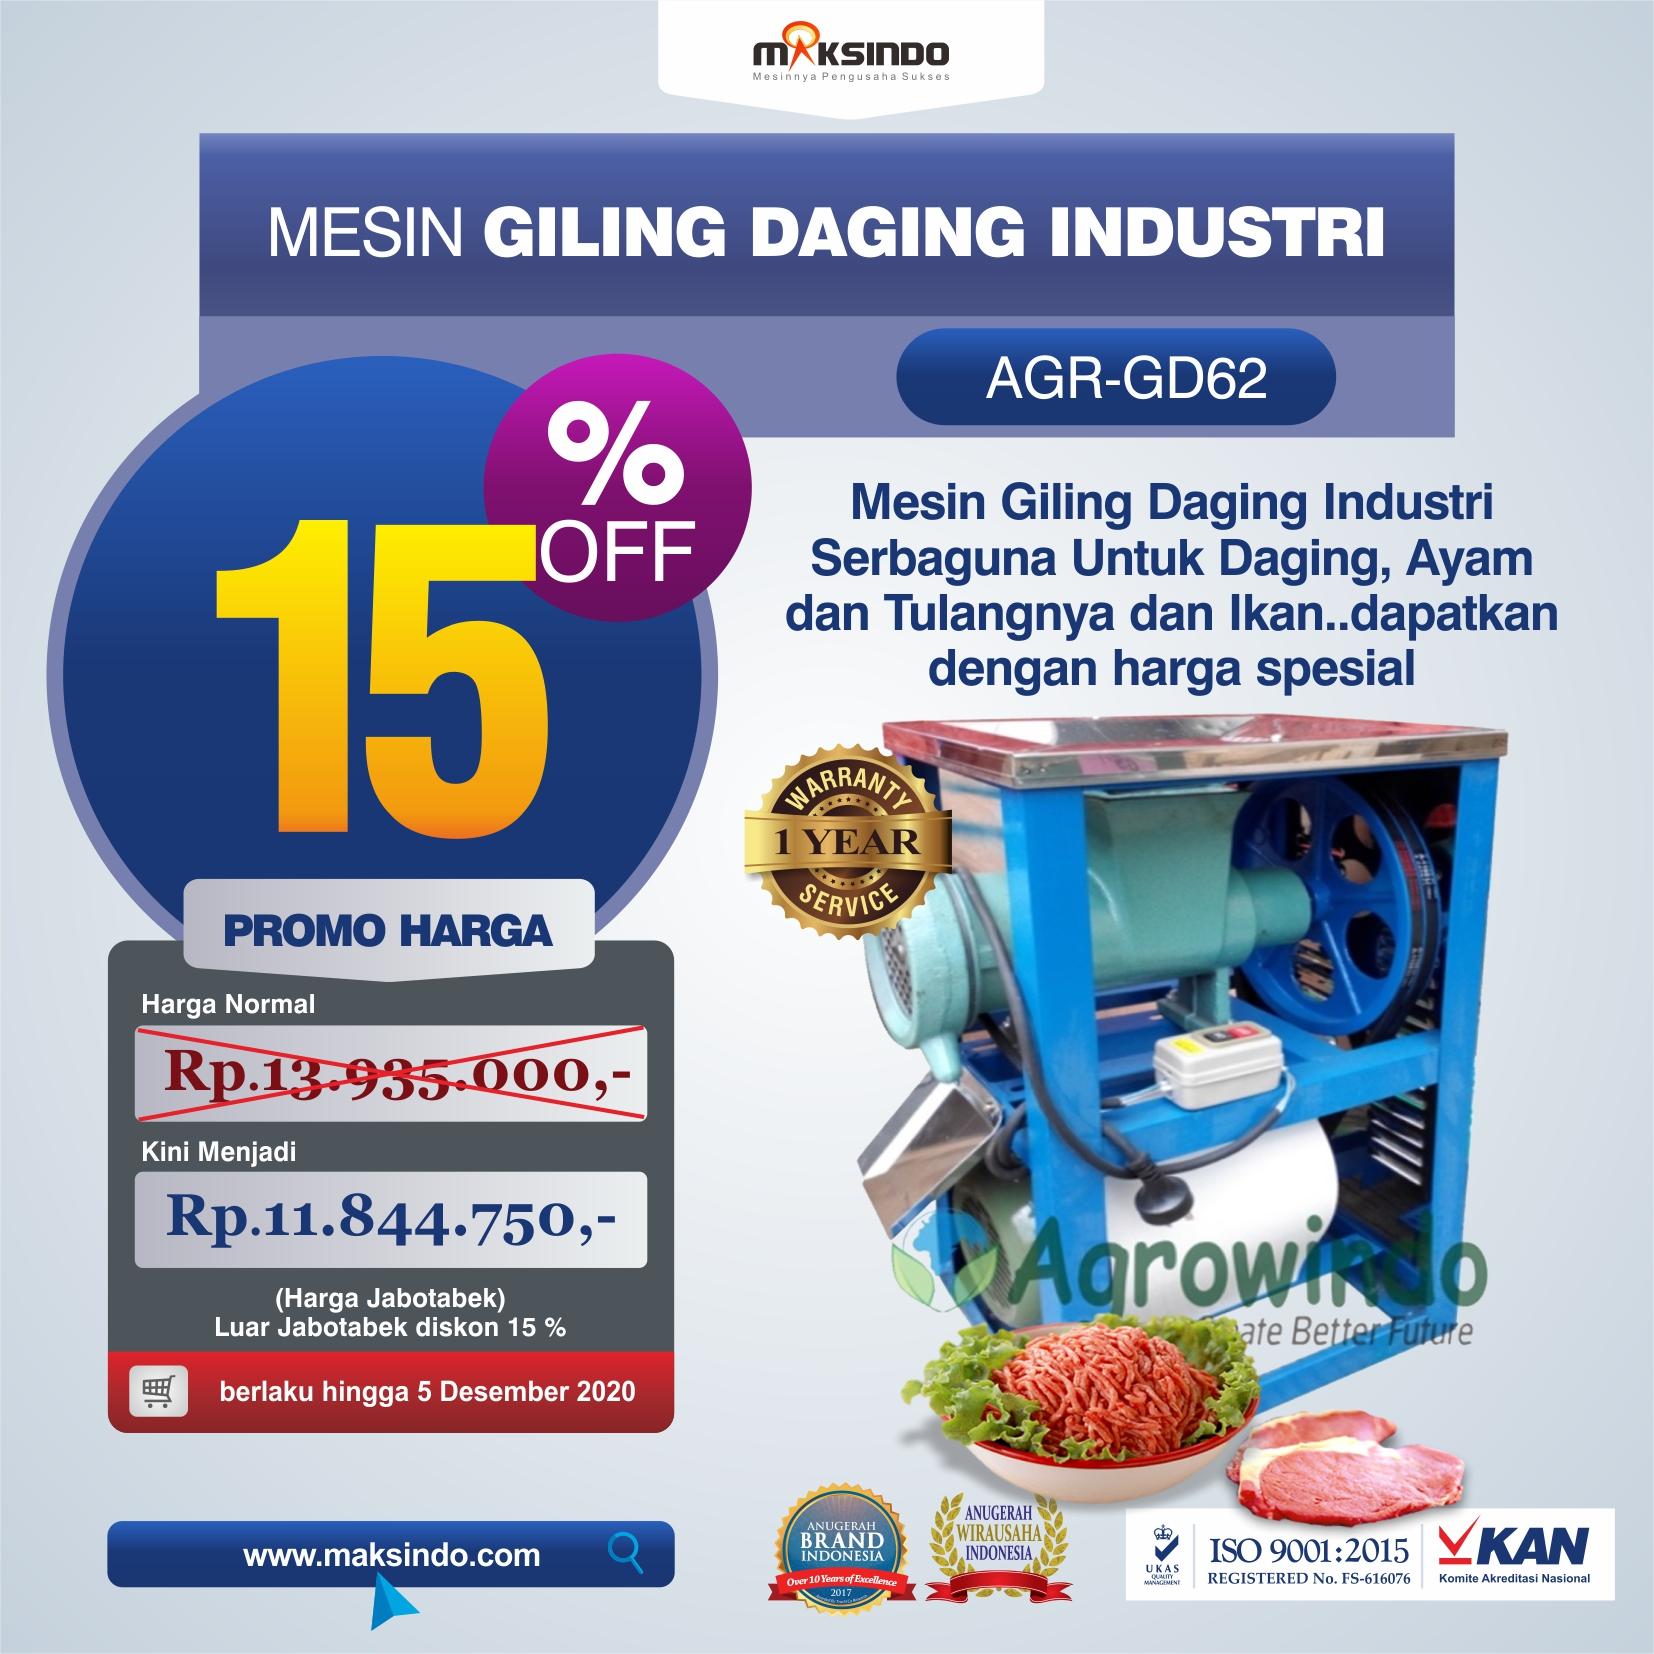 Giling Daging Industri (AGR-GD62) di Semarang